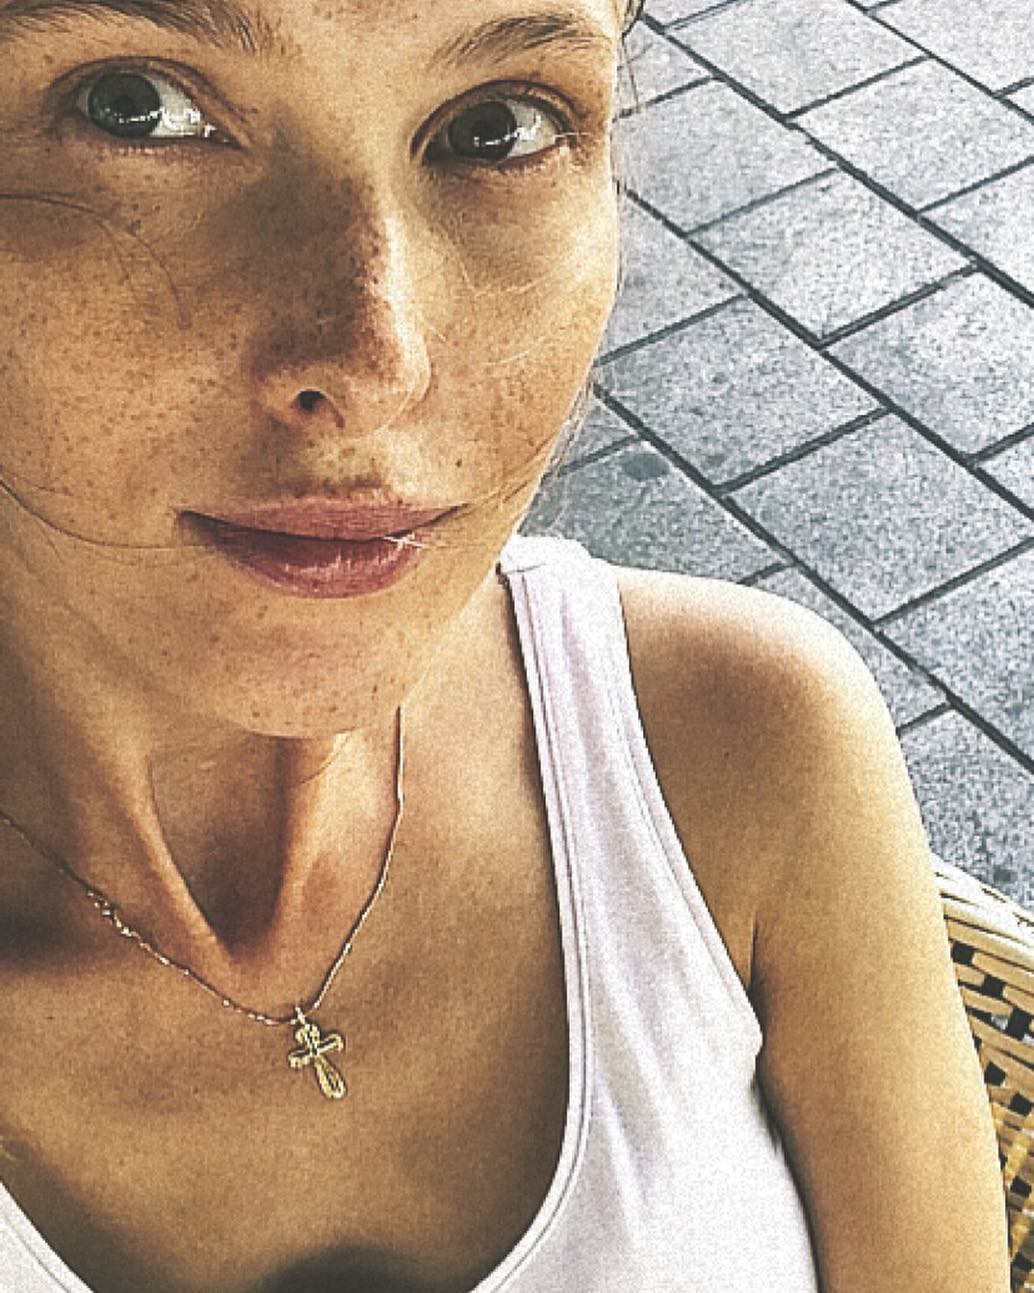 Светлана Иванова удивила фанатов идеальной фигурой спустя 3 месяца после родов